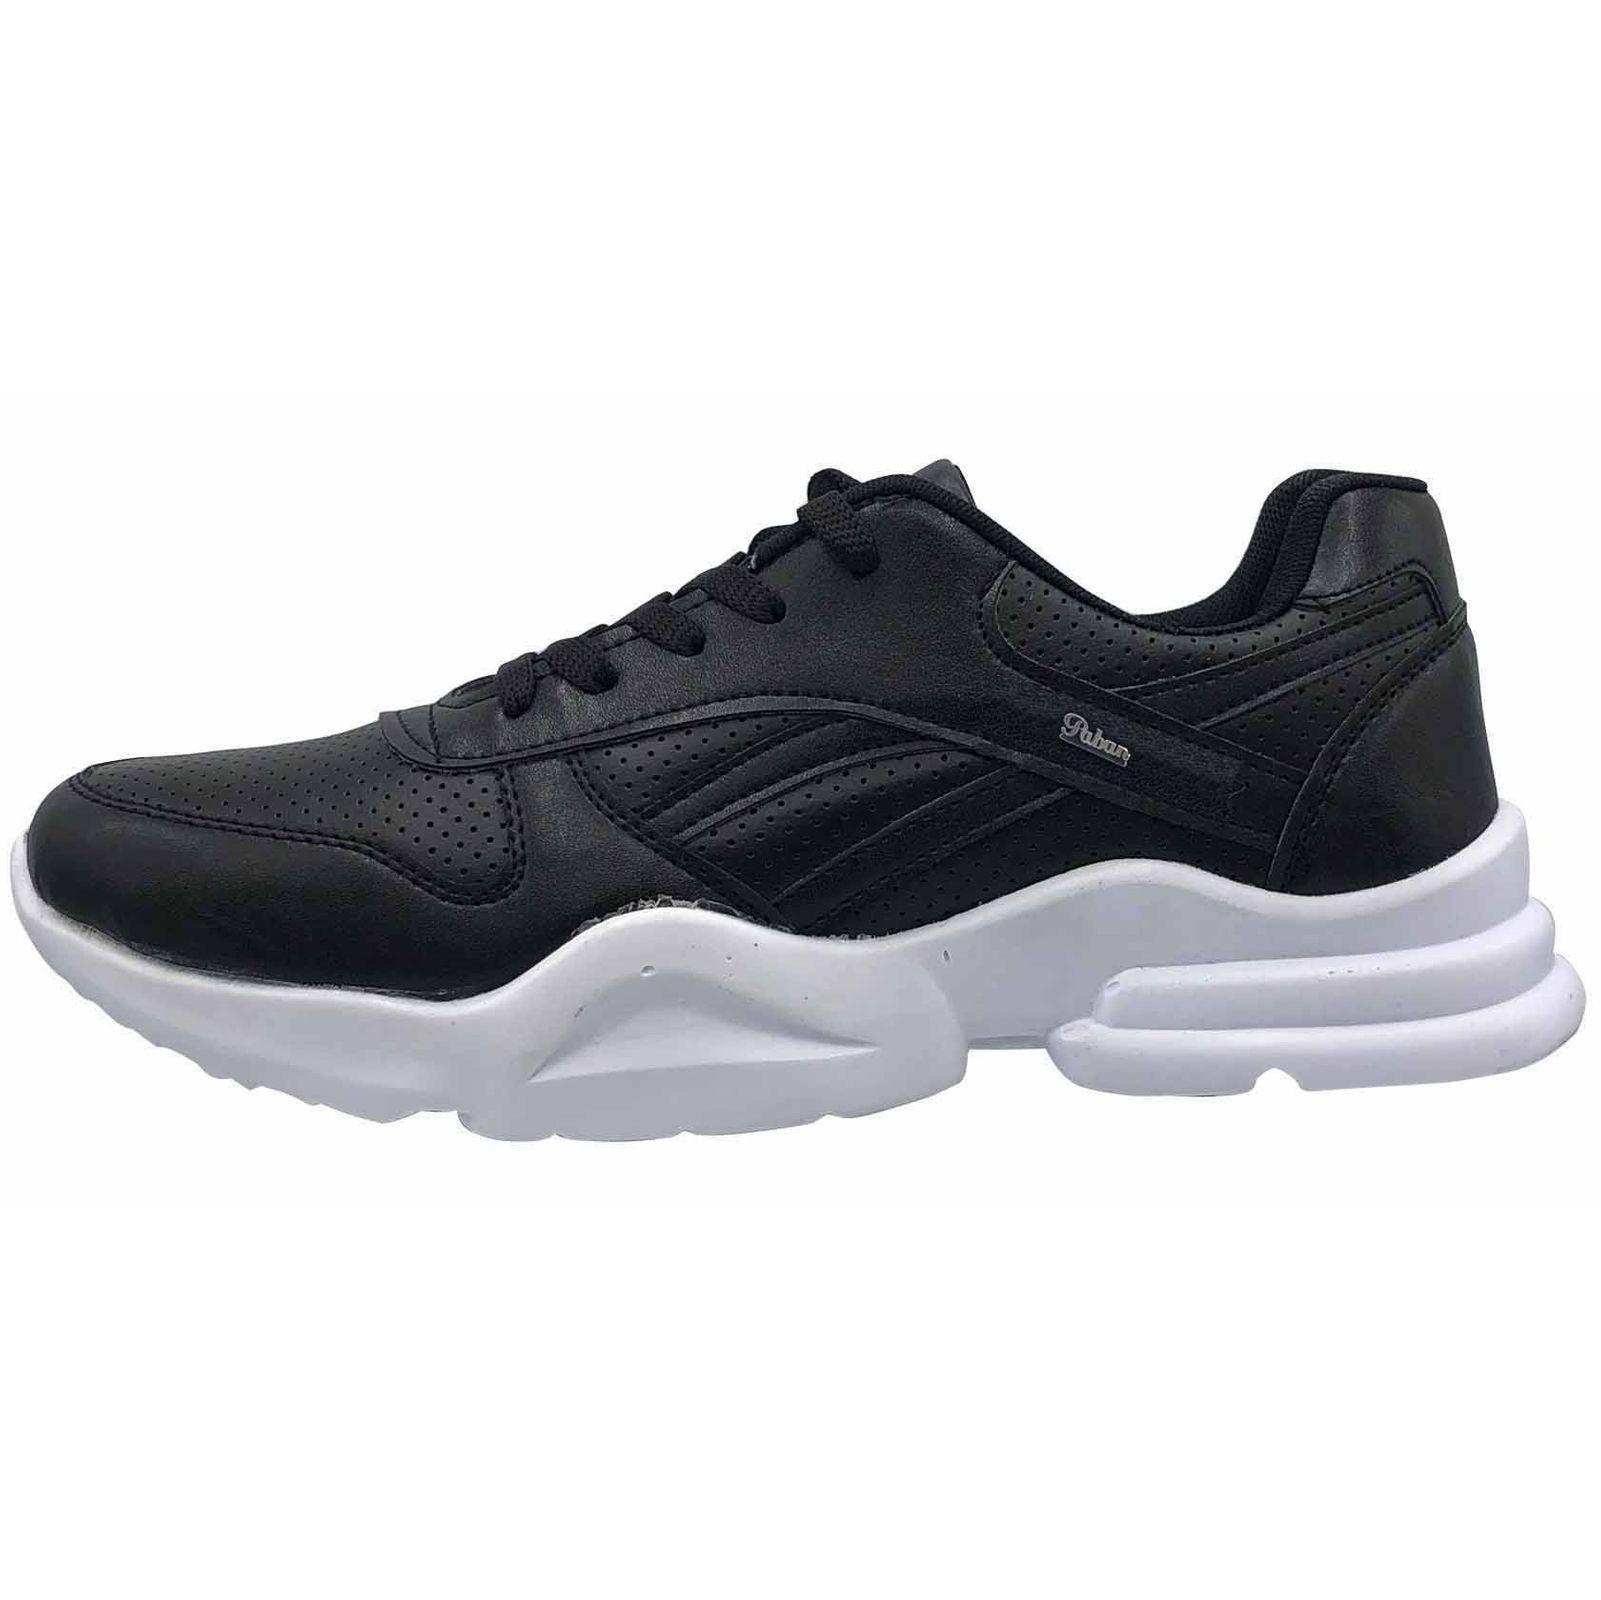 کفش مخصوص پیاده روی مردانه پابان کد  P104  main 1 1